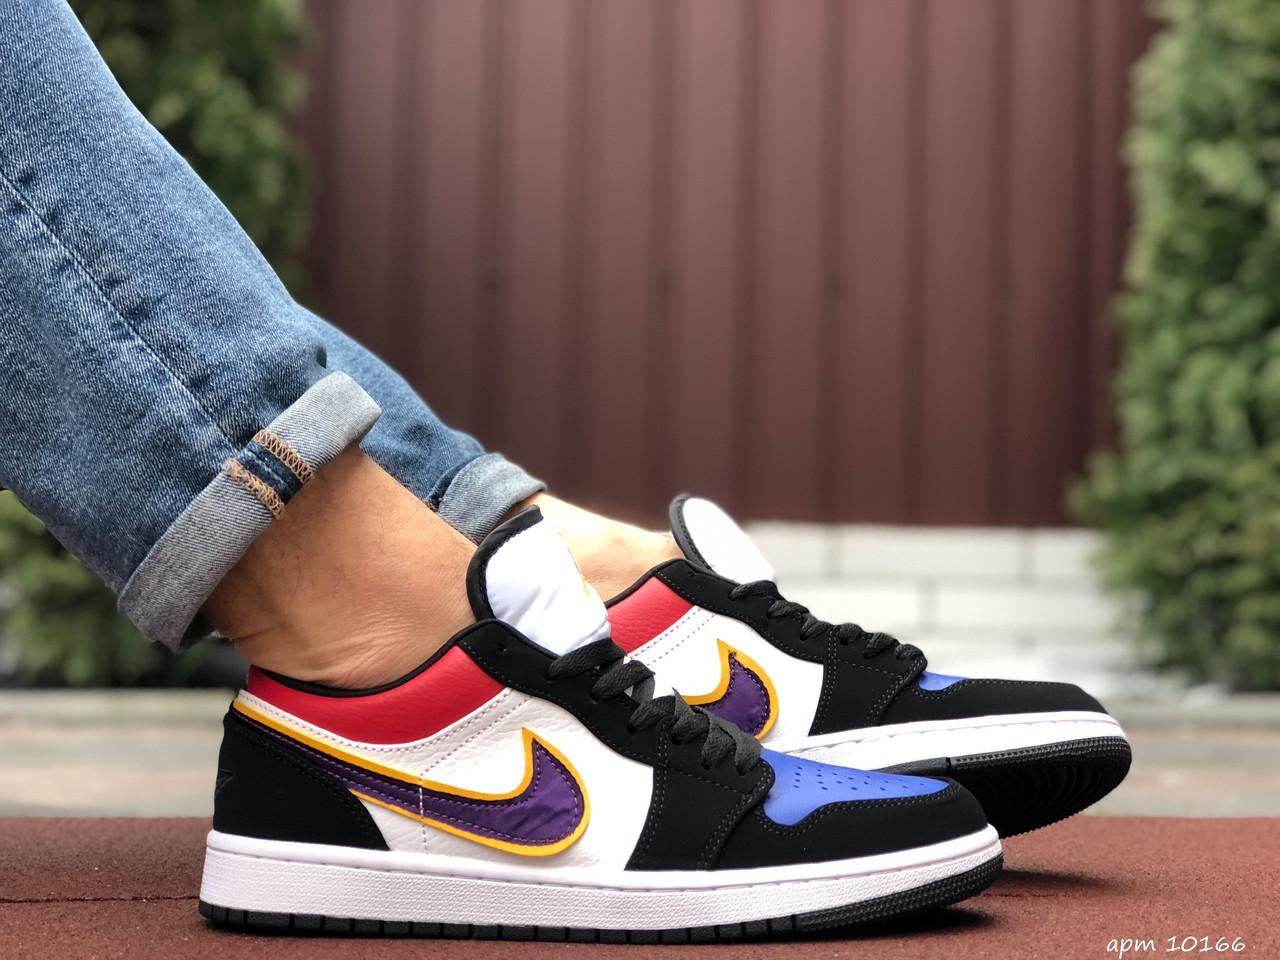 Чоловічі демісезонні кросівки Nike Air Jordan 1 Retro,різнокольорові